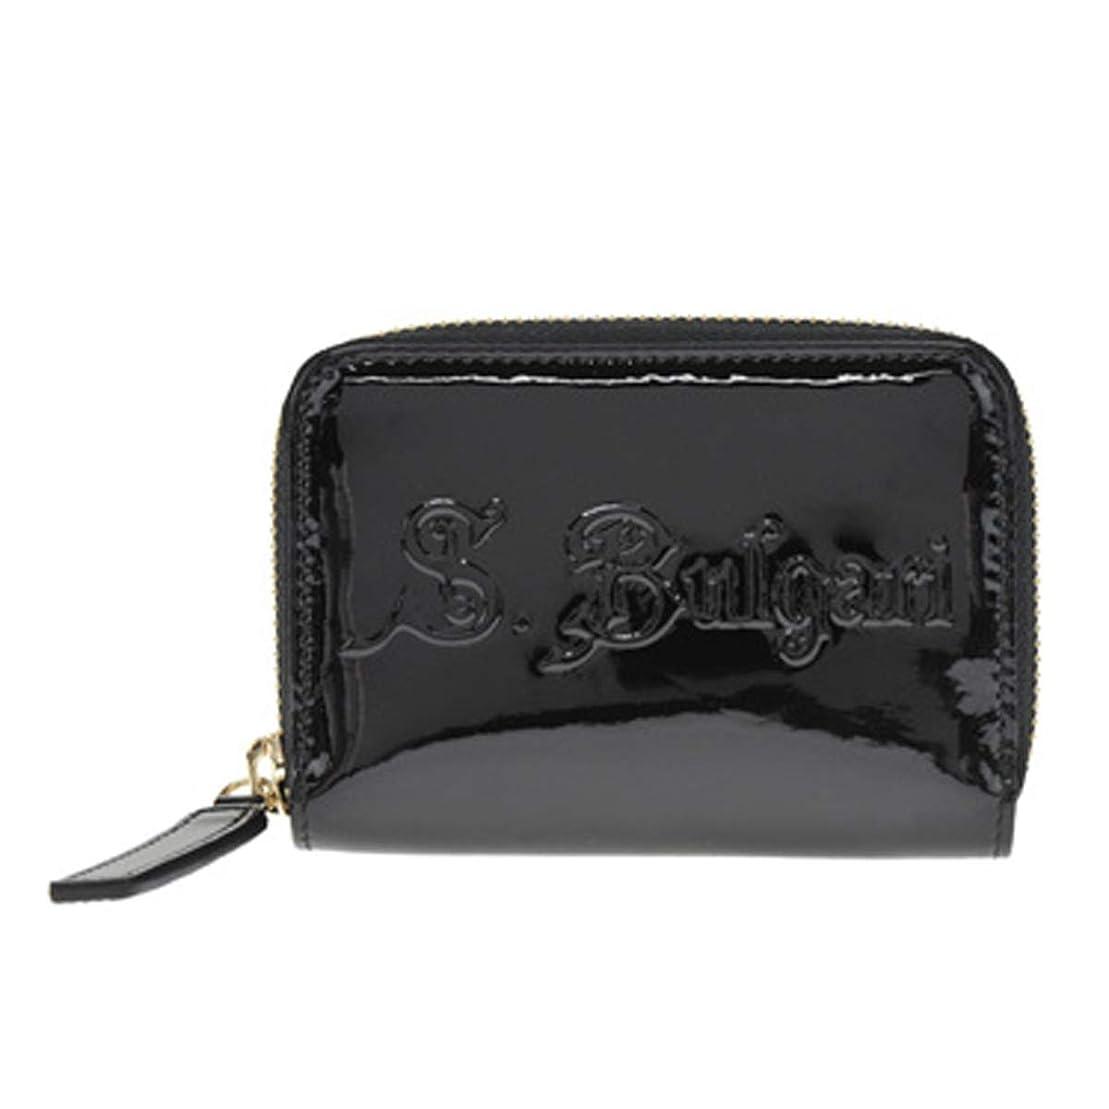 エンジニアダーリン一般化する[ブルガリ] 小銭入れ コインケース コインパース 31711 Mini zipped wallet S.BULGARI Black ブラック [並行輸入品]